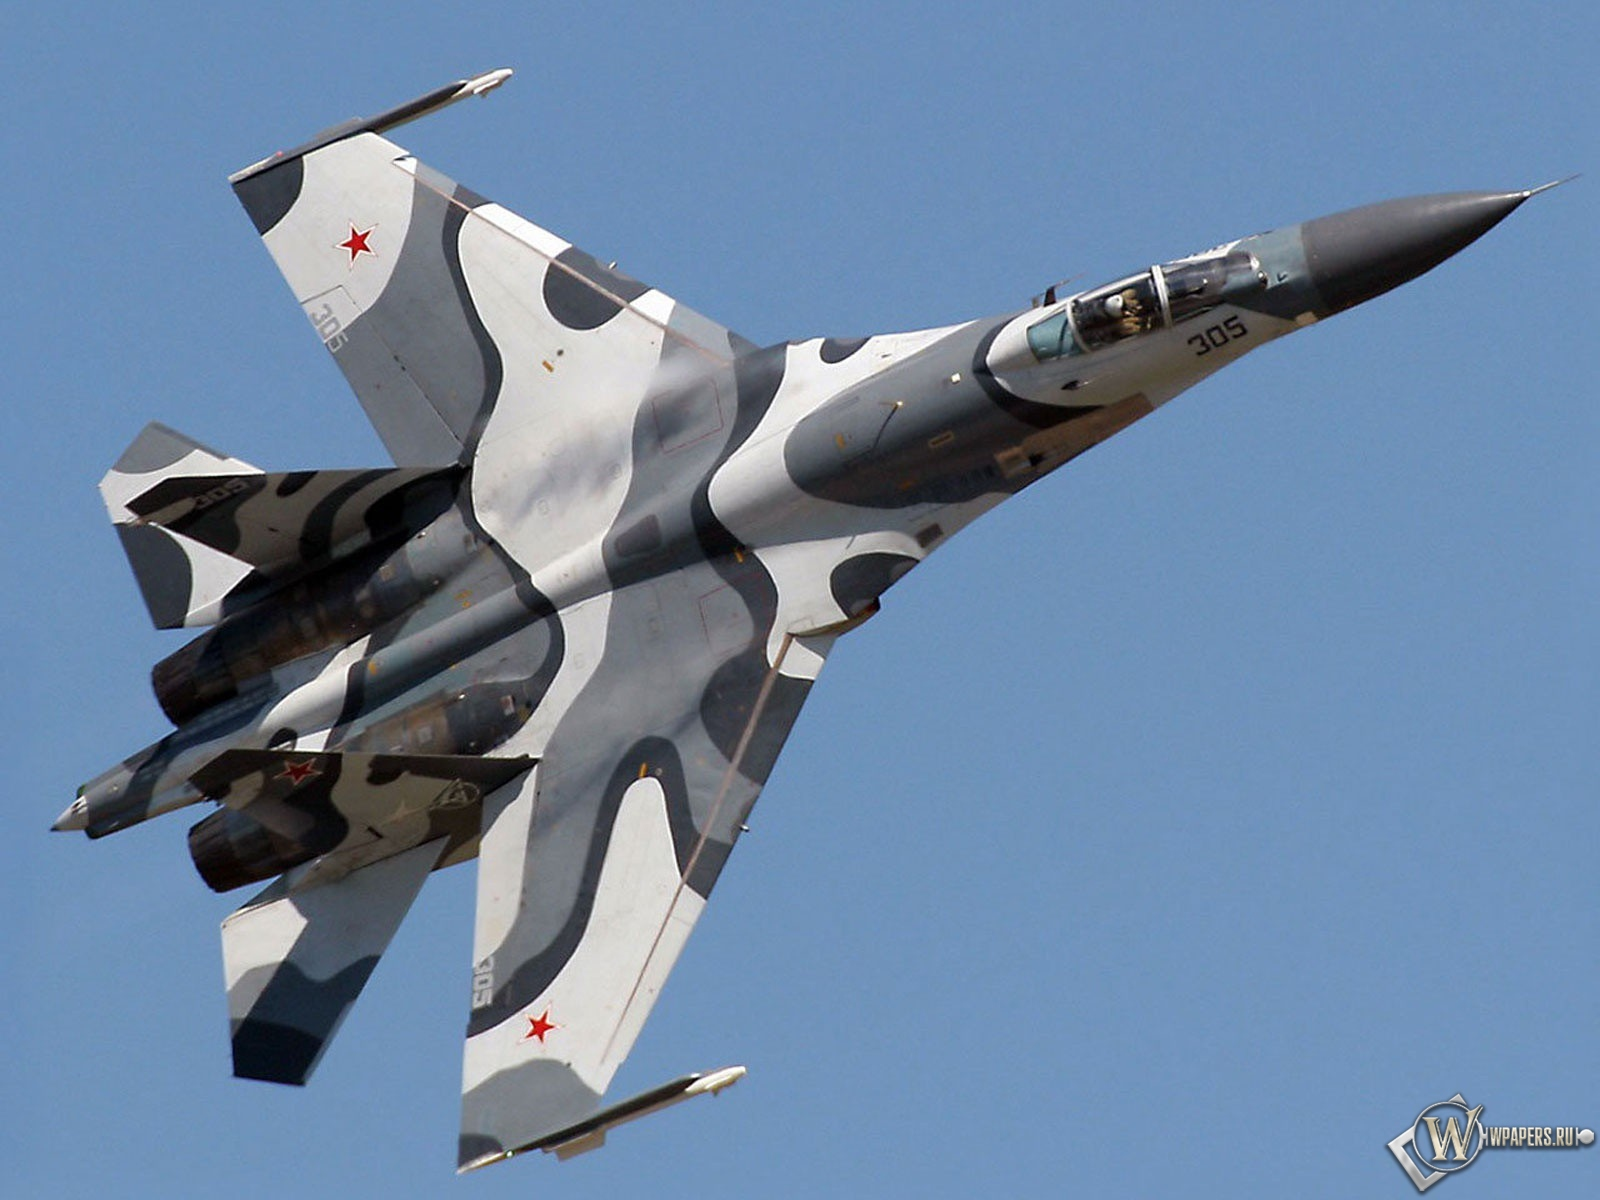 Камуфляжный истребитель Су-27М 1600x1200